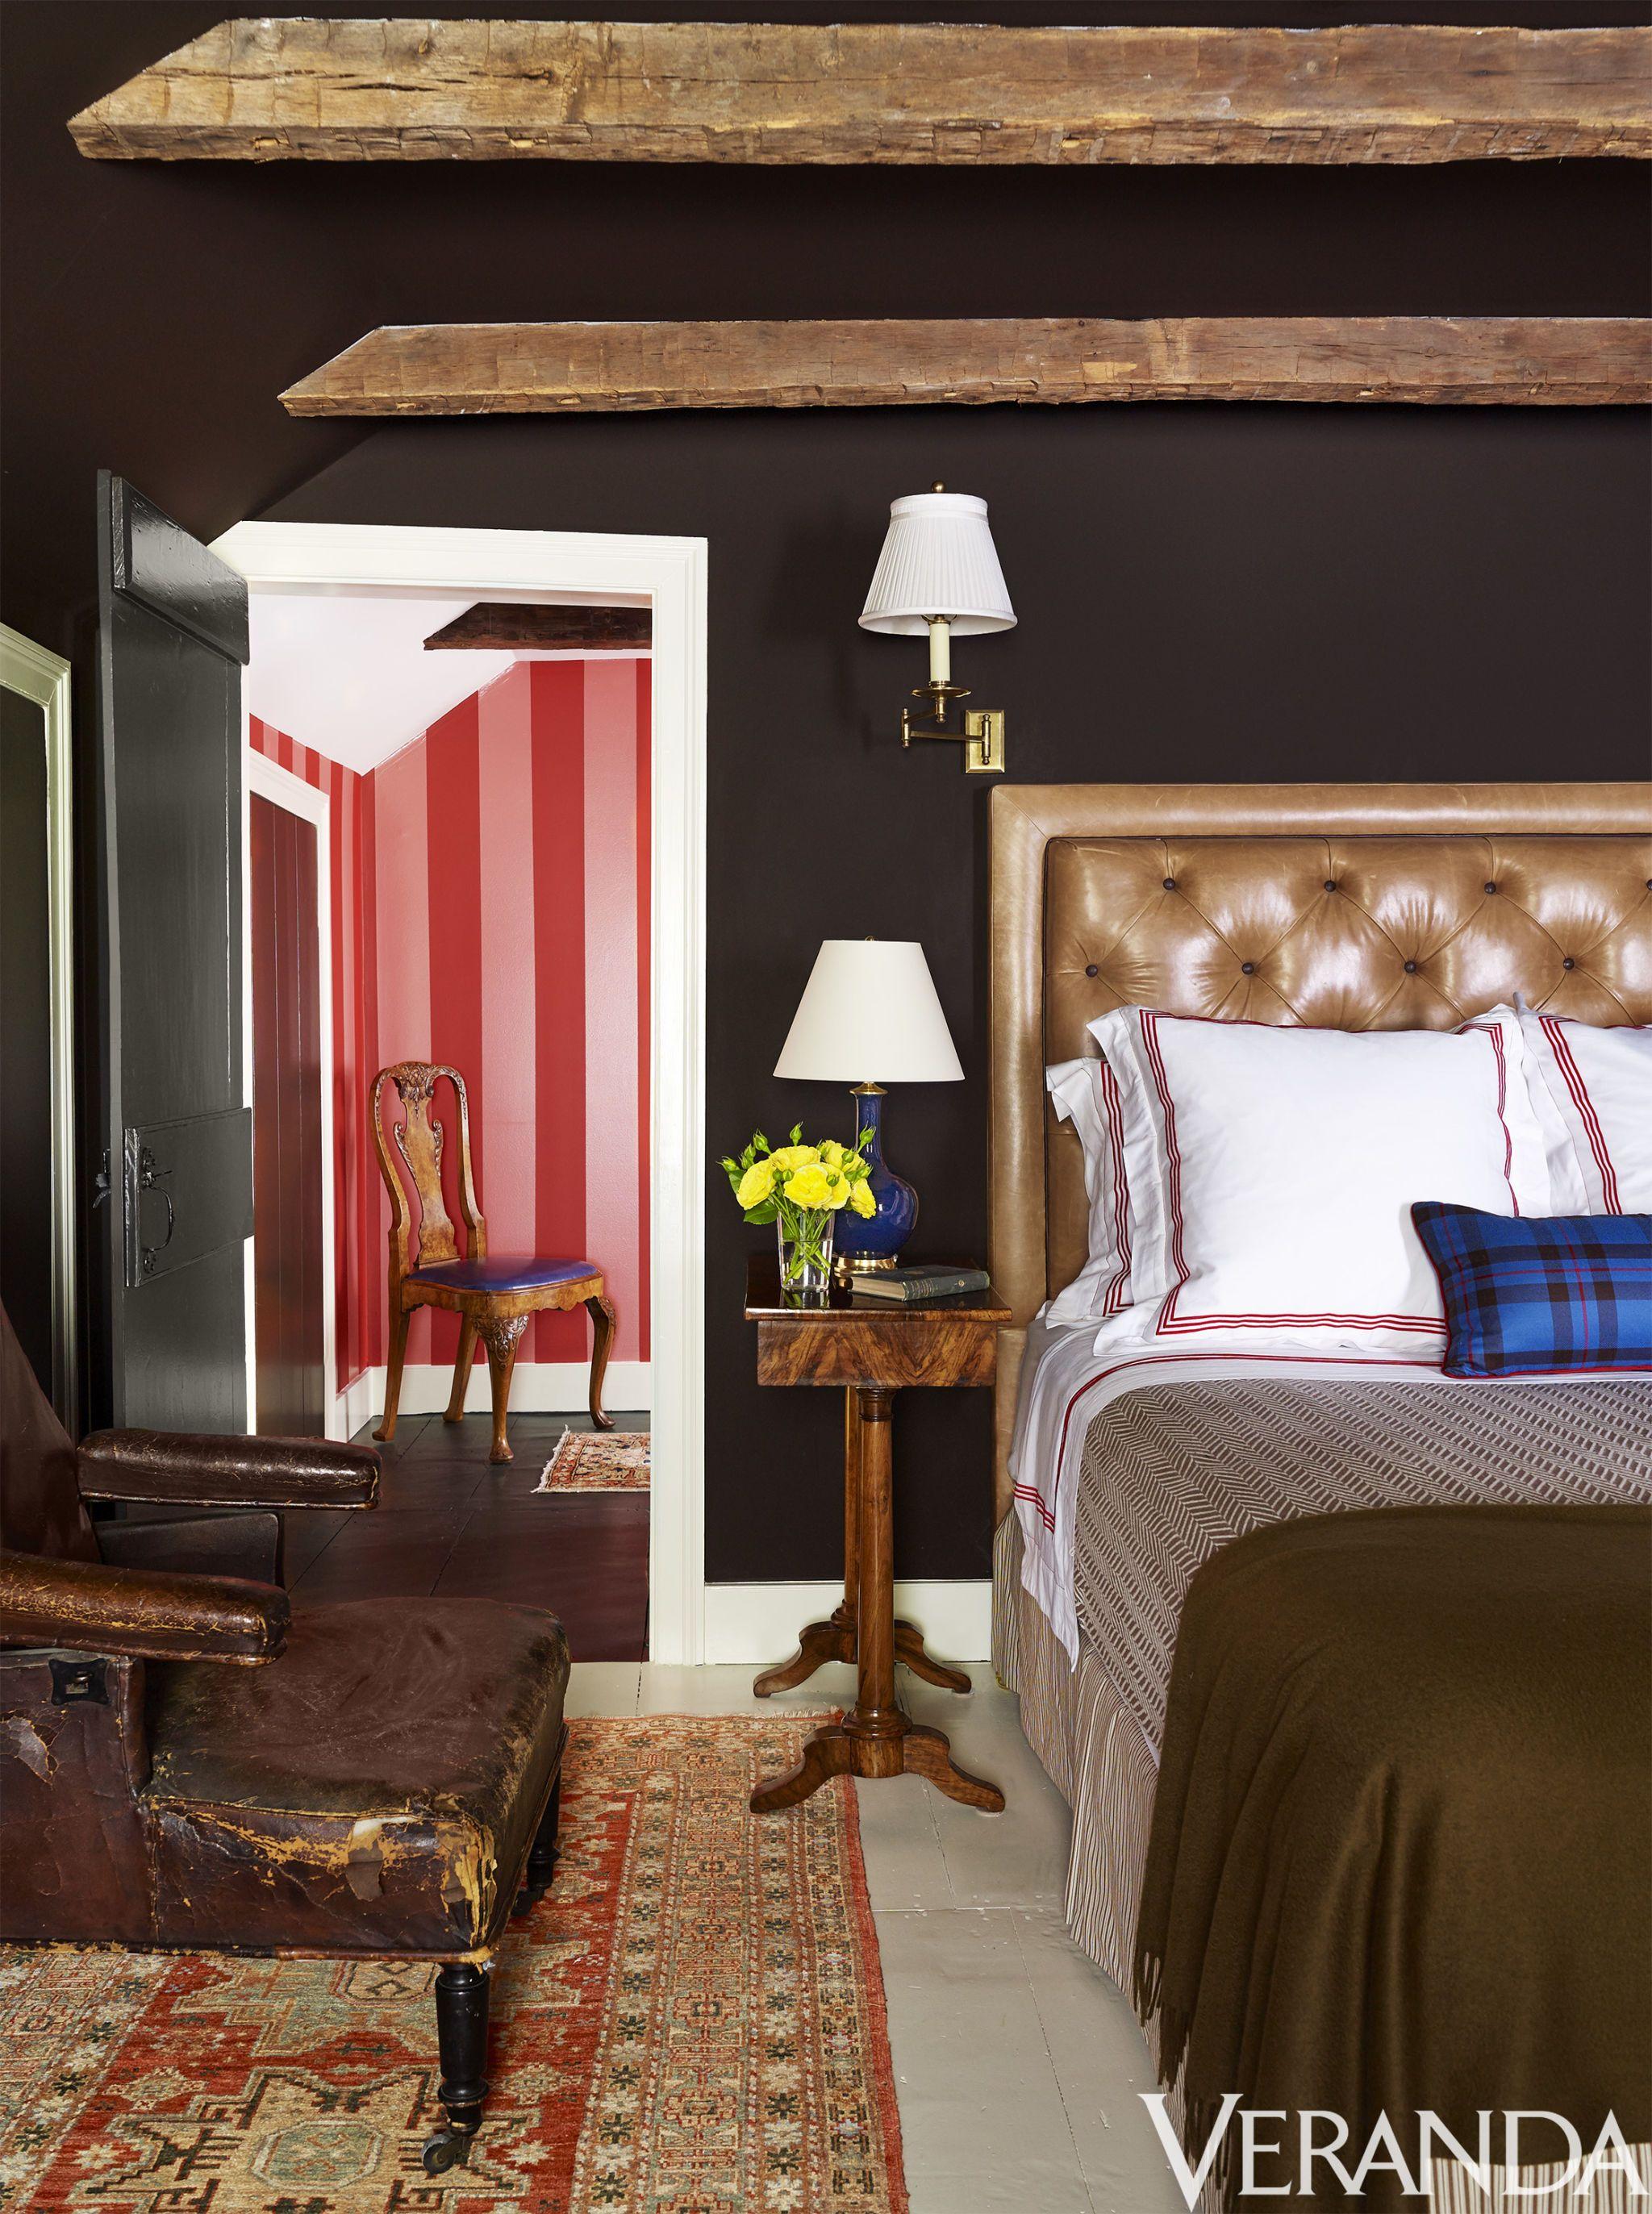 bedroom ideas & 30 Best Bedroom Ideas - Beautiful Bedroom Decorating Tips